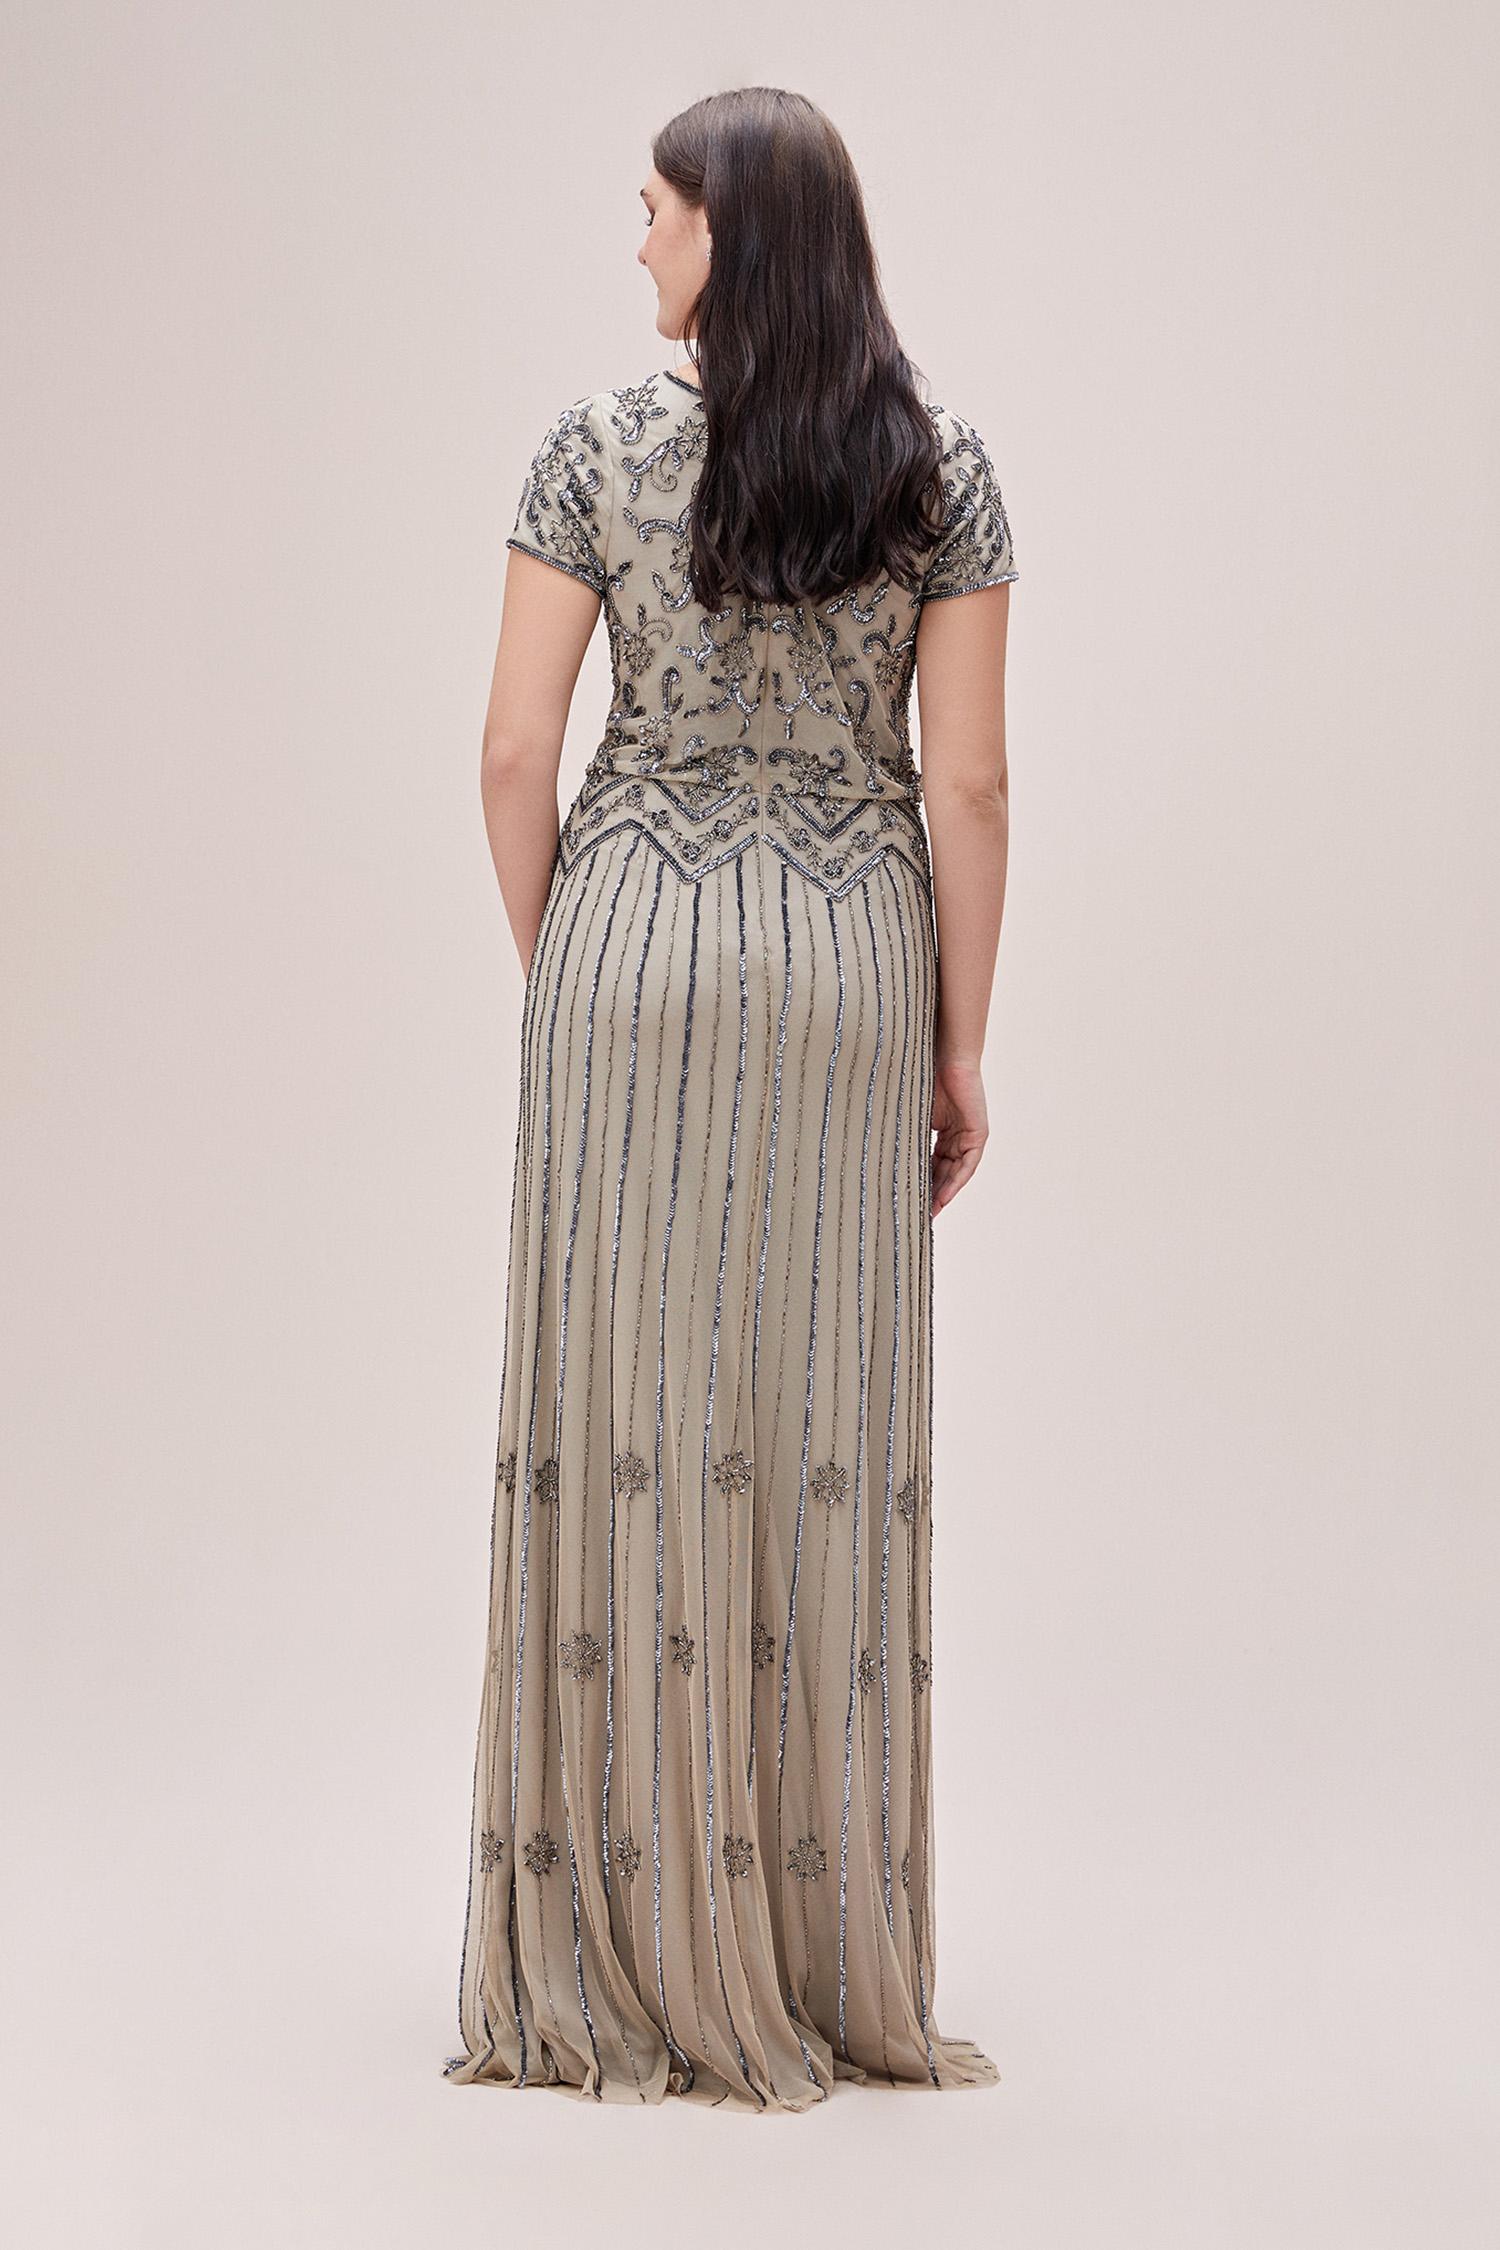 Koyu Gri Pullu Ten Rengi Kısa Kollu Uzun Büyük Beden Abiye Elbise - Thumbnail